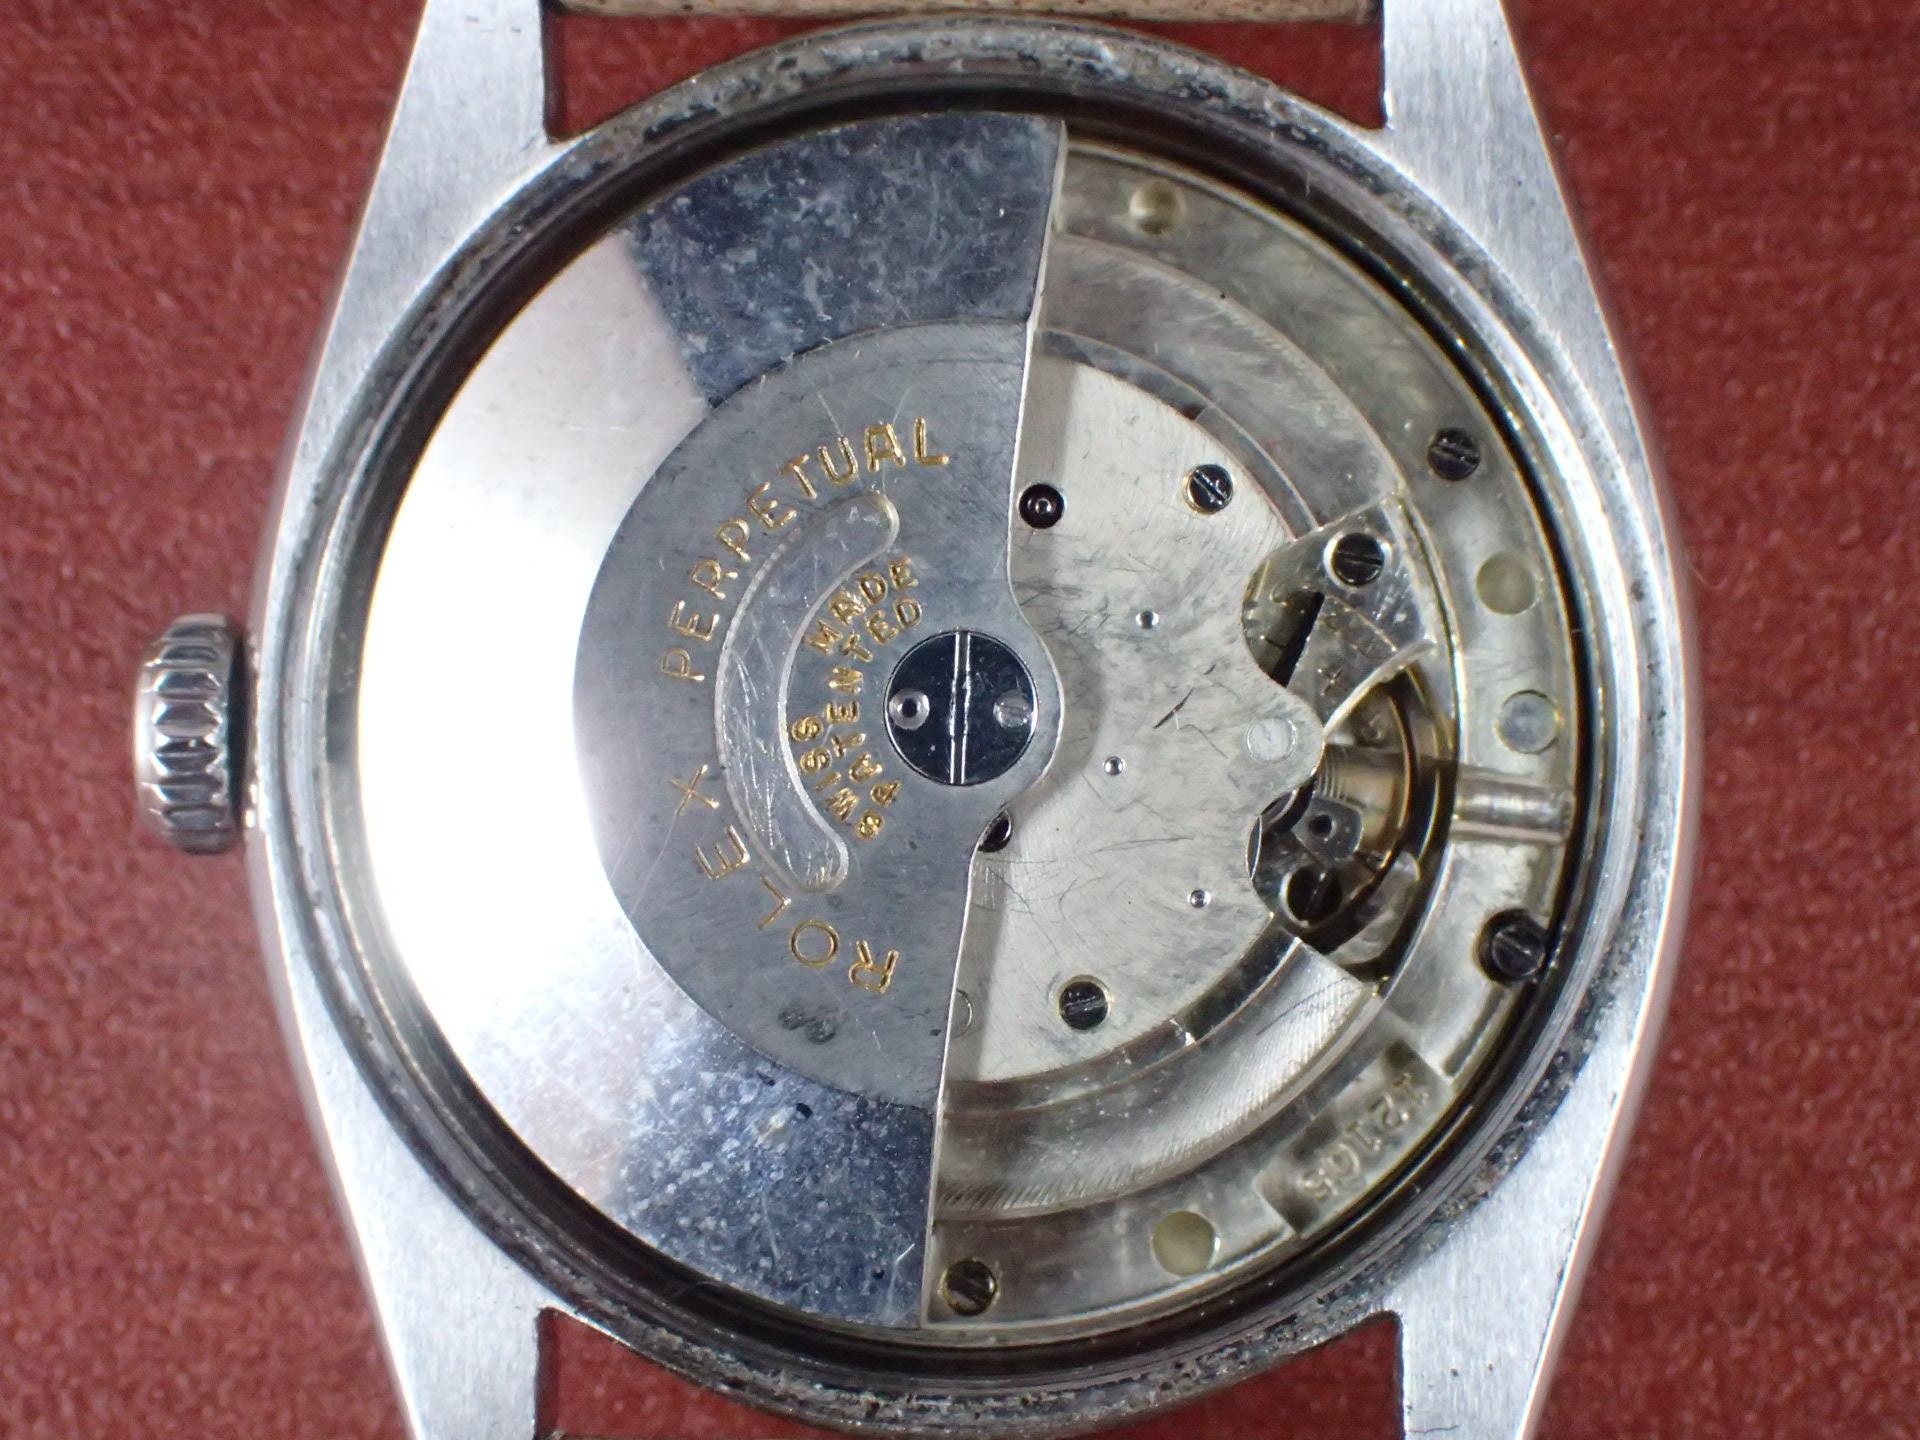 ロレックス ビッグバブルバック Ref.6098 プロペラハンド 1950年代の写真5枚目